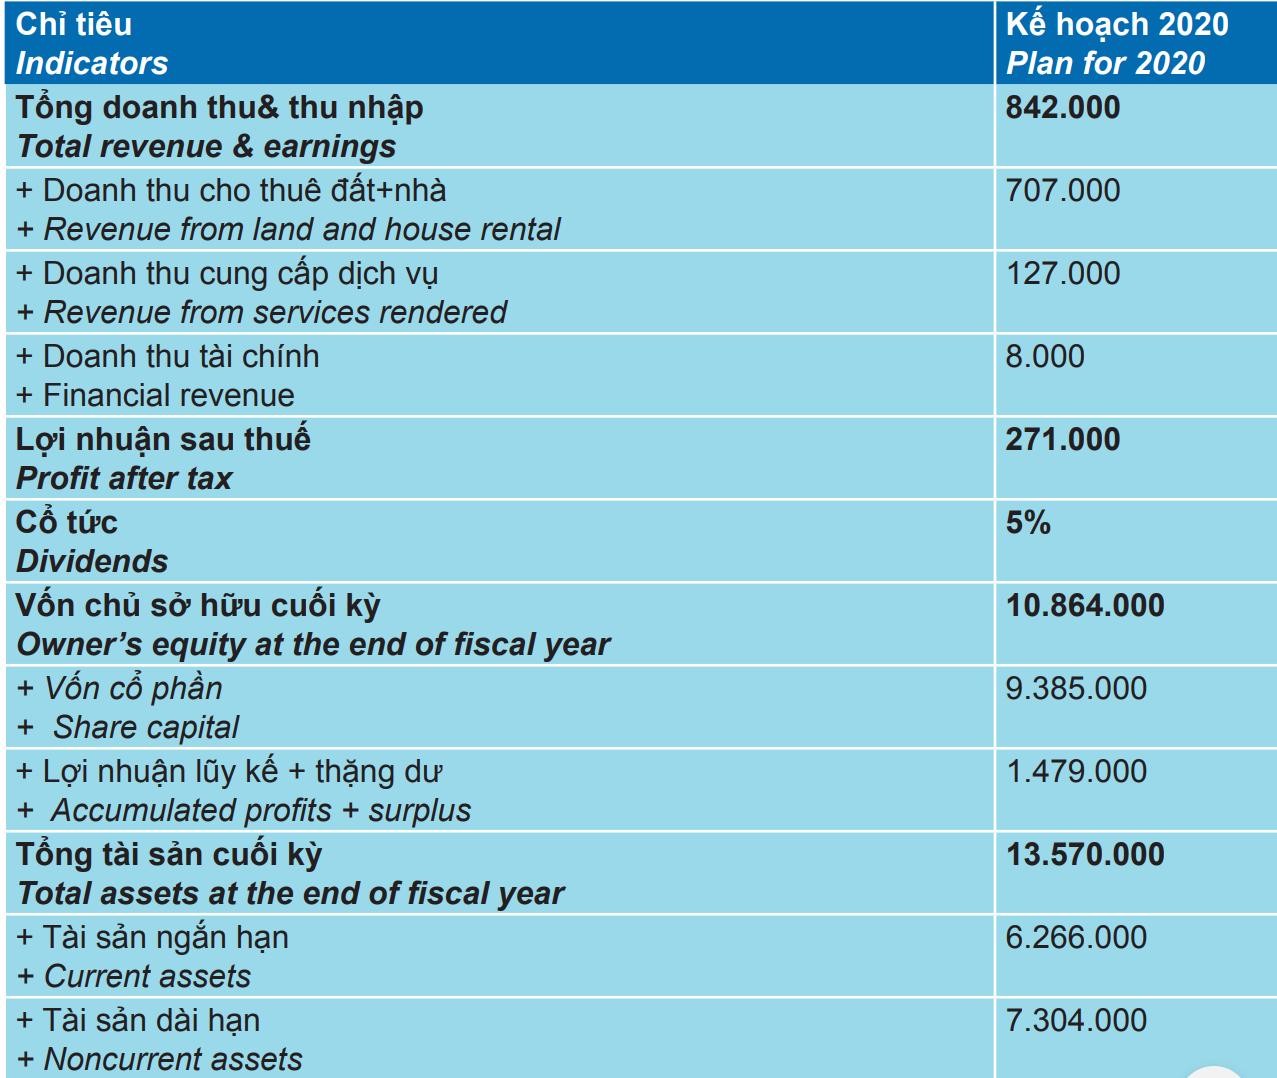 Tập đoàn Tân Tạo dự kiến nâng tổng vốn đầu tư vào các KCN lên 1 tỉ USD, tiếp tục rót vốn sang Hoa Kì - Ảnh 2.